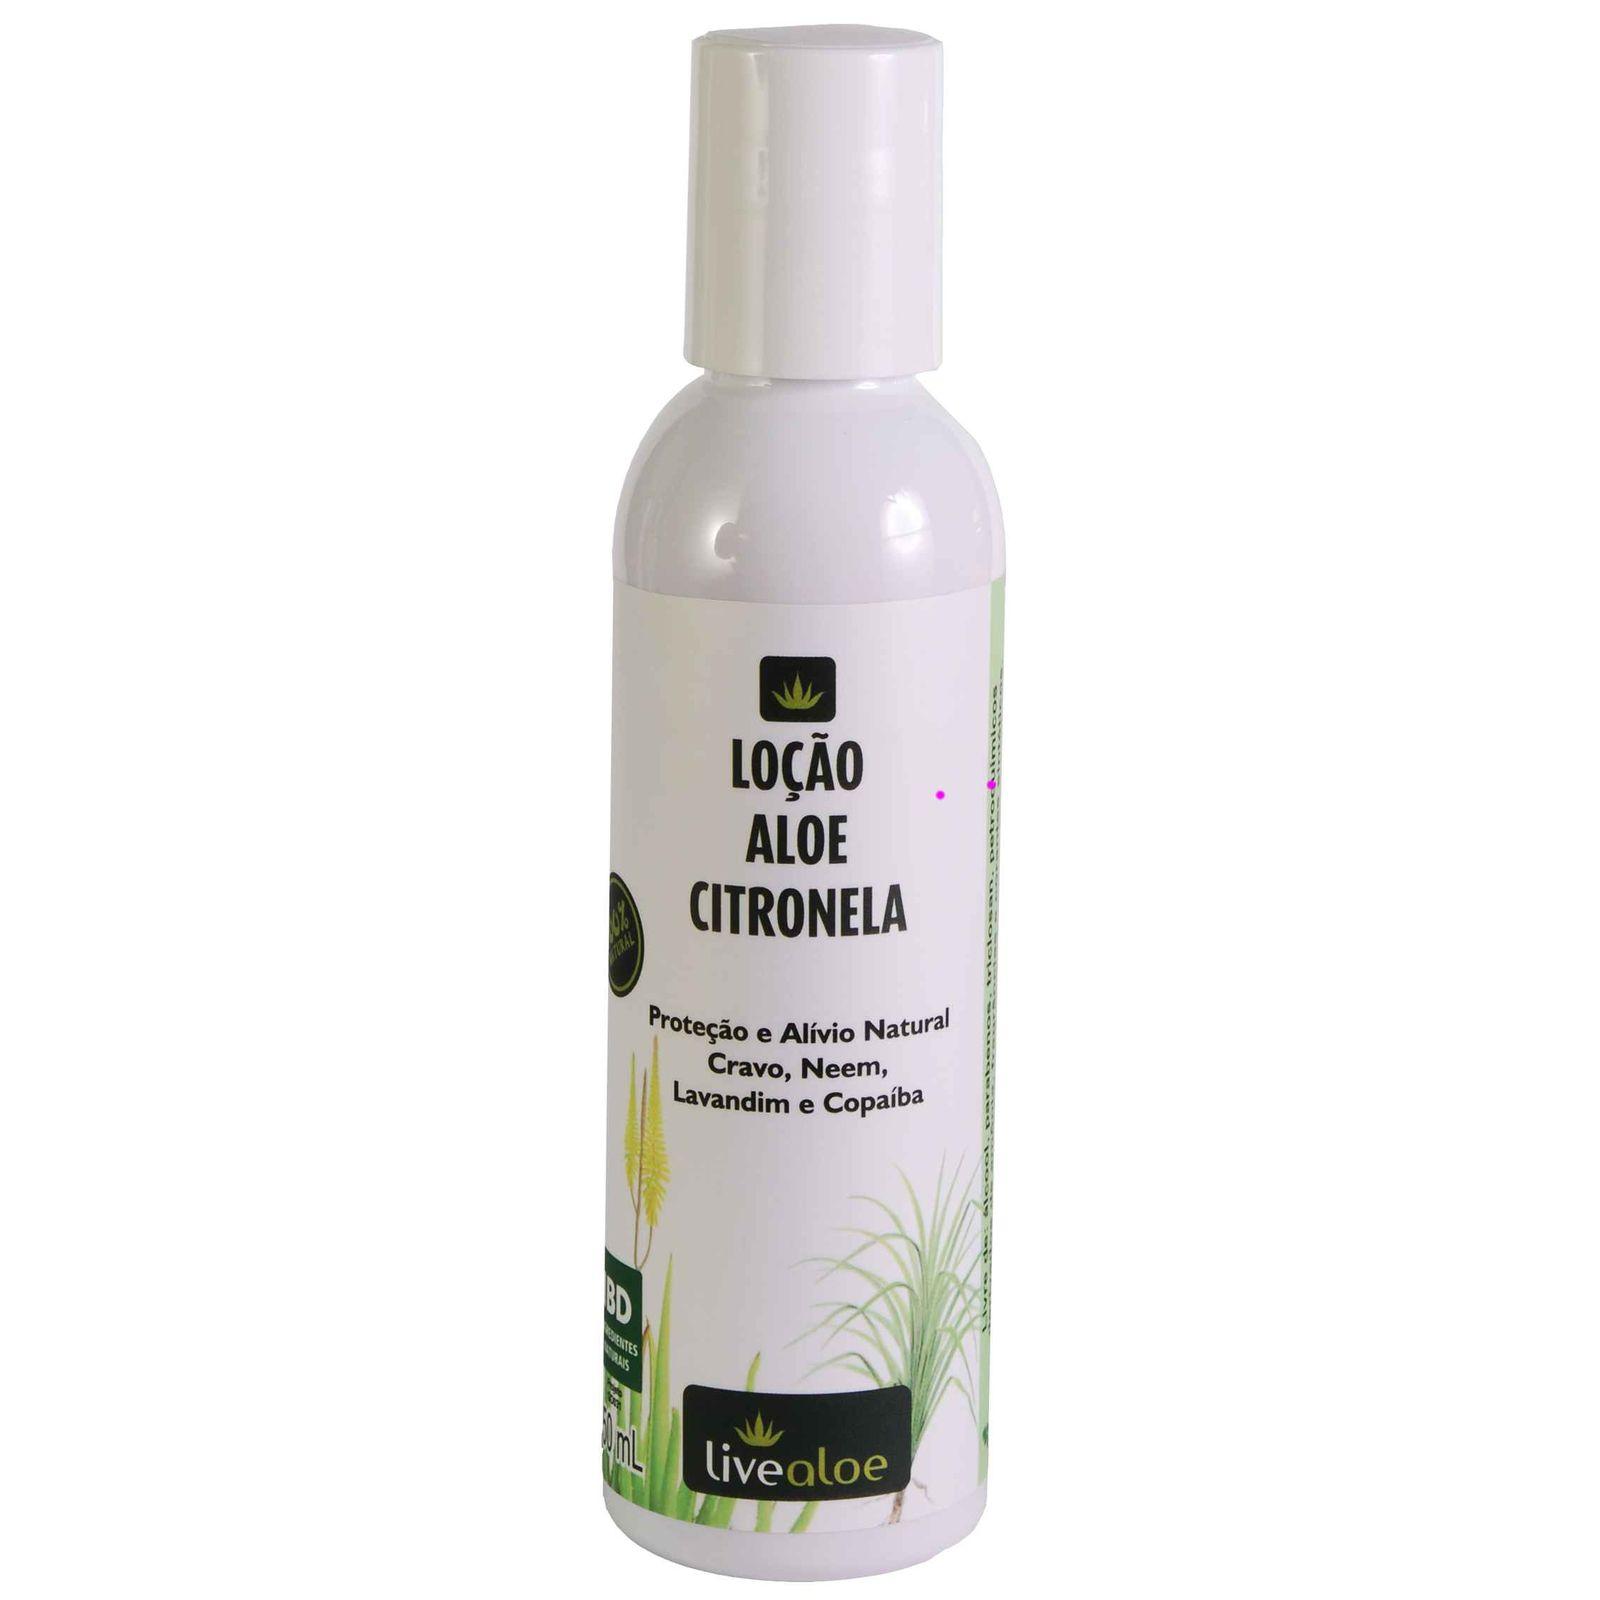 Loção Hidratante Repelente Aloe Citronela Livealoe - 150ml